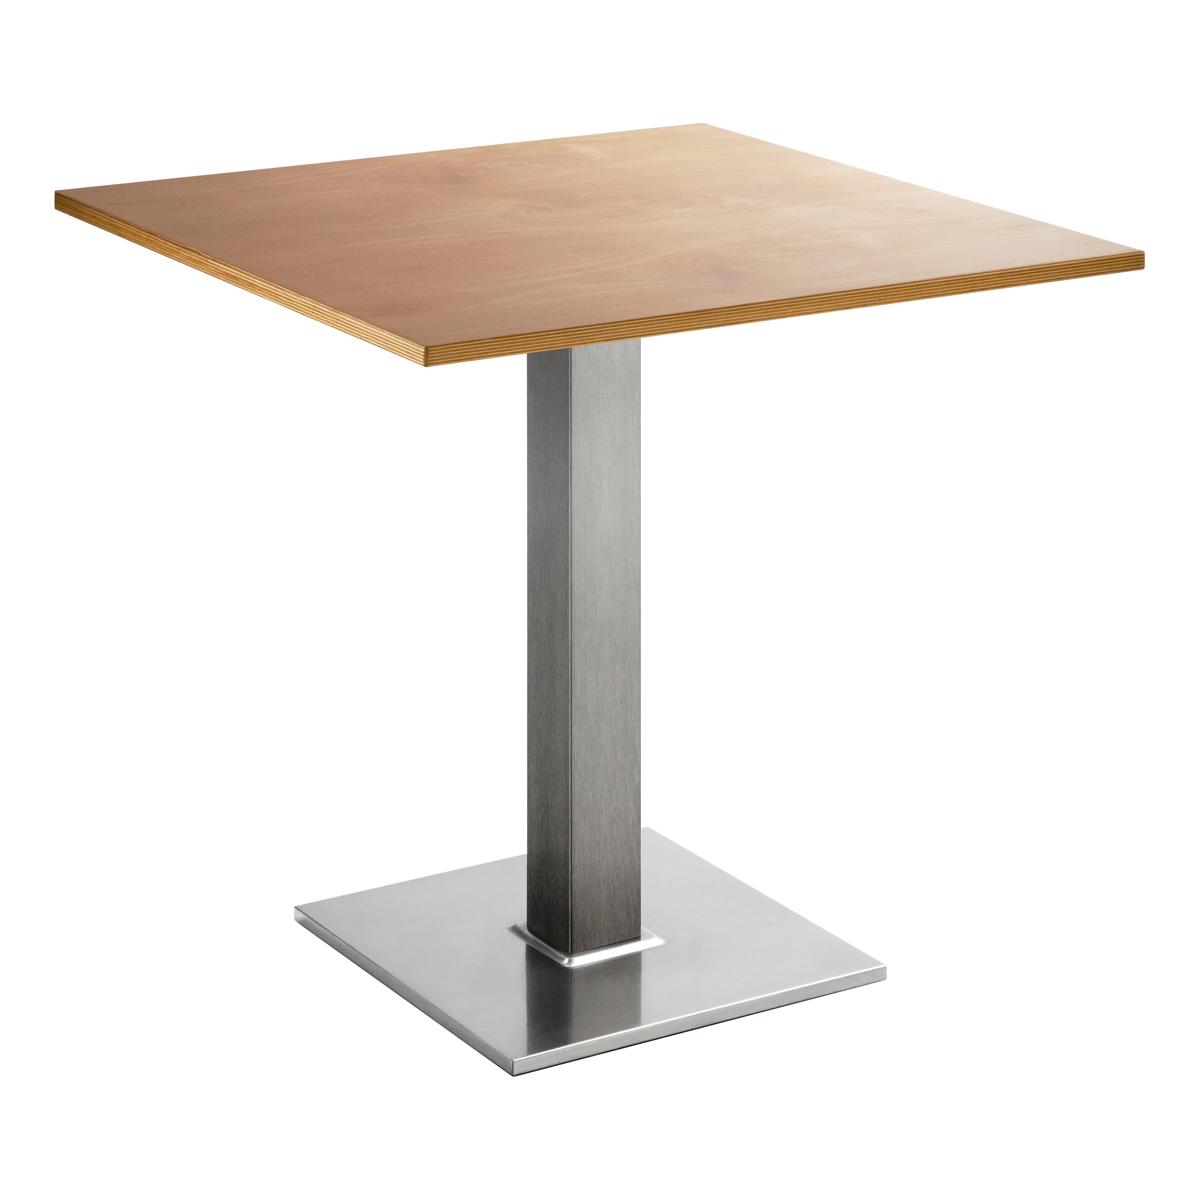 Sitztisch Quadrat, eckig, Buche